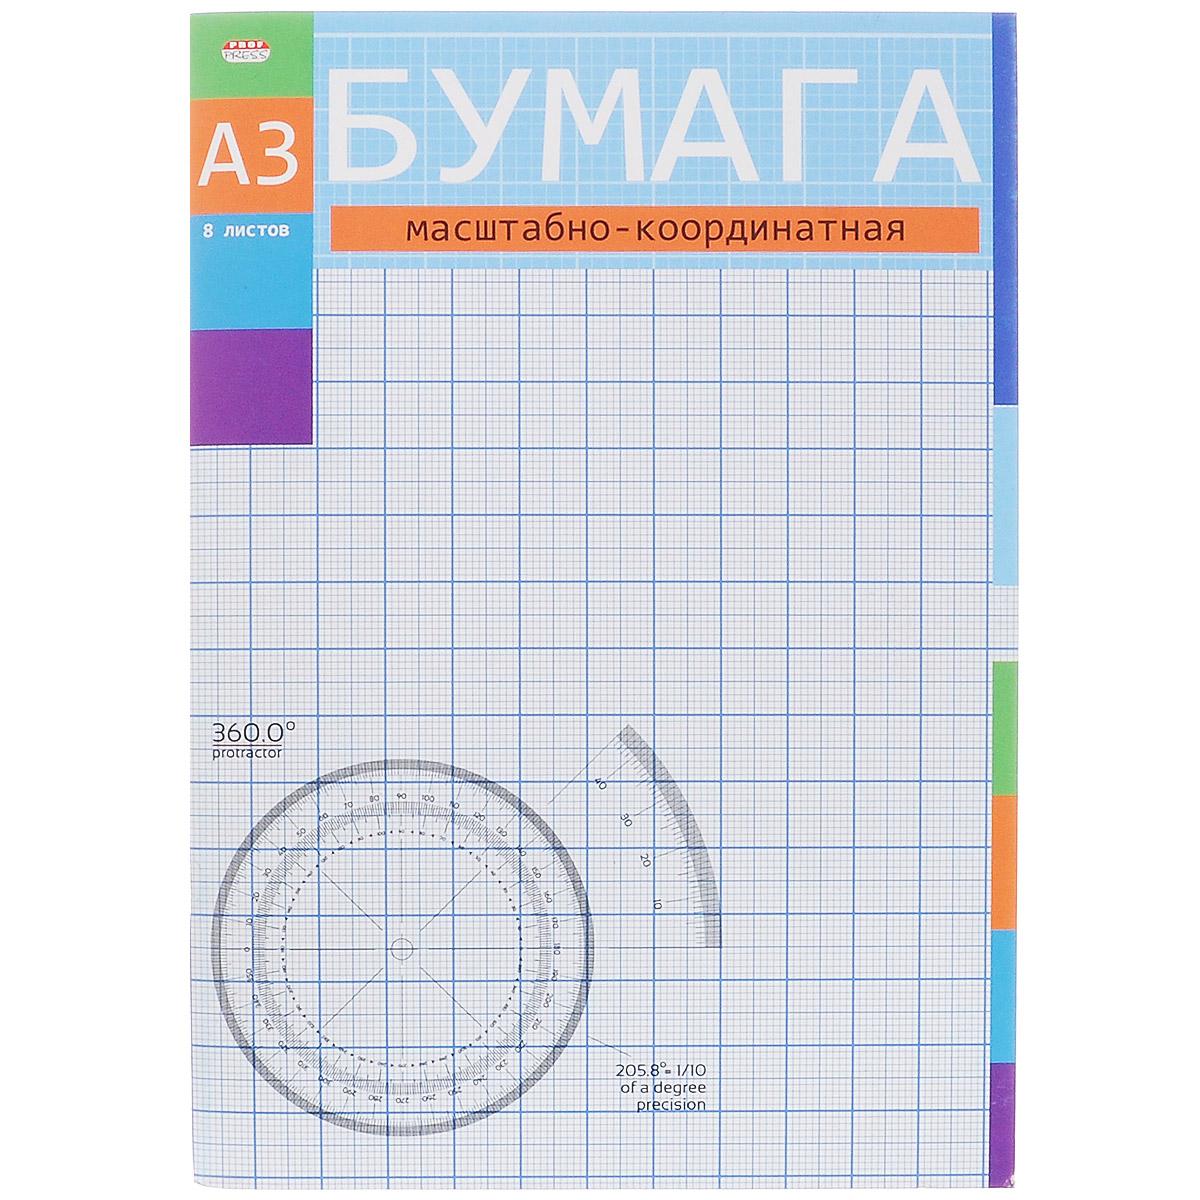 Бумага масштабно-координатная Проф-Пресс, цвет: голубой, 8 листов, формат А372523WDБумага масштабно-координатная Проф-Пресс предназначена для выполнения различного рода чертежно-графических работ, создания различных схем и графиков.Листы оформлены белыми полями. Способ крепления: скрепки.Подойдет как для учащихся школы, так и для высших учебных заведений архитектурного, строительного и других профилей.Рекомендуемый возраст: 6+.